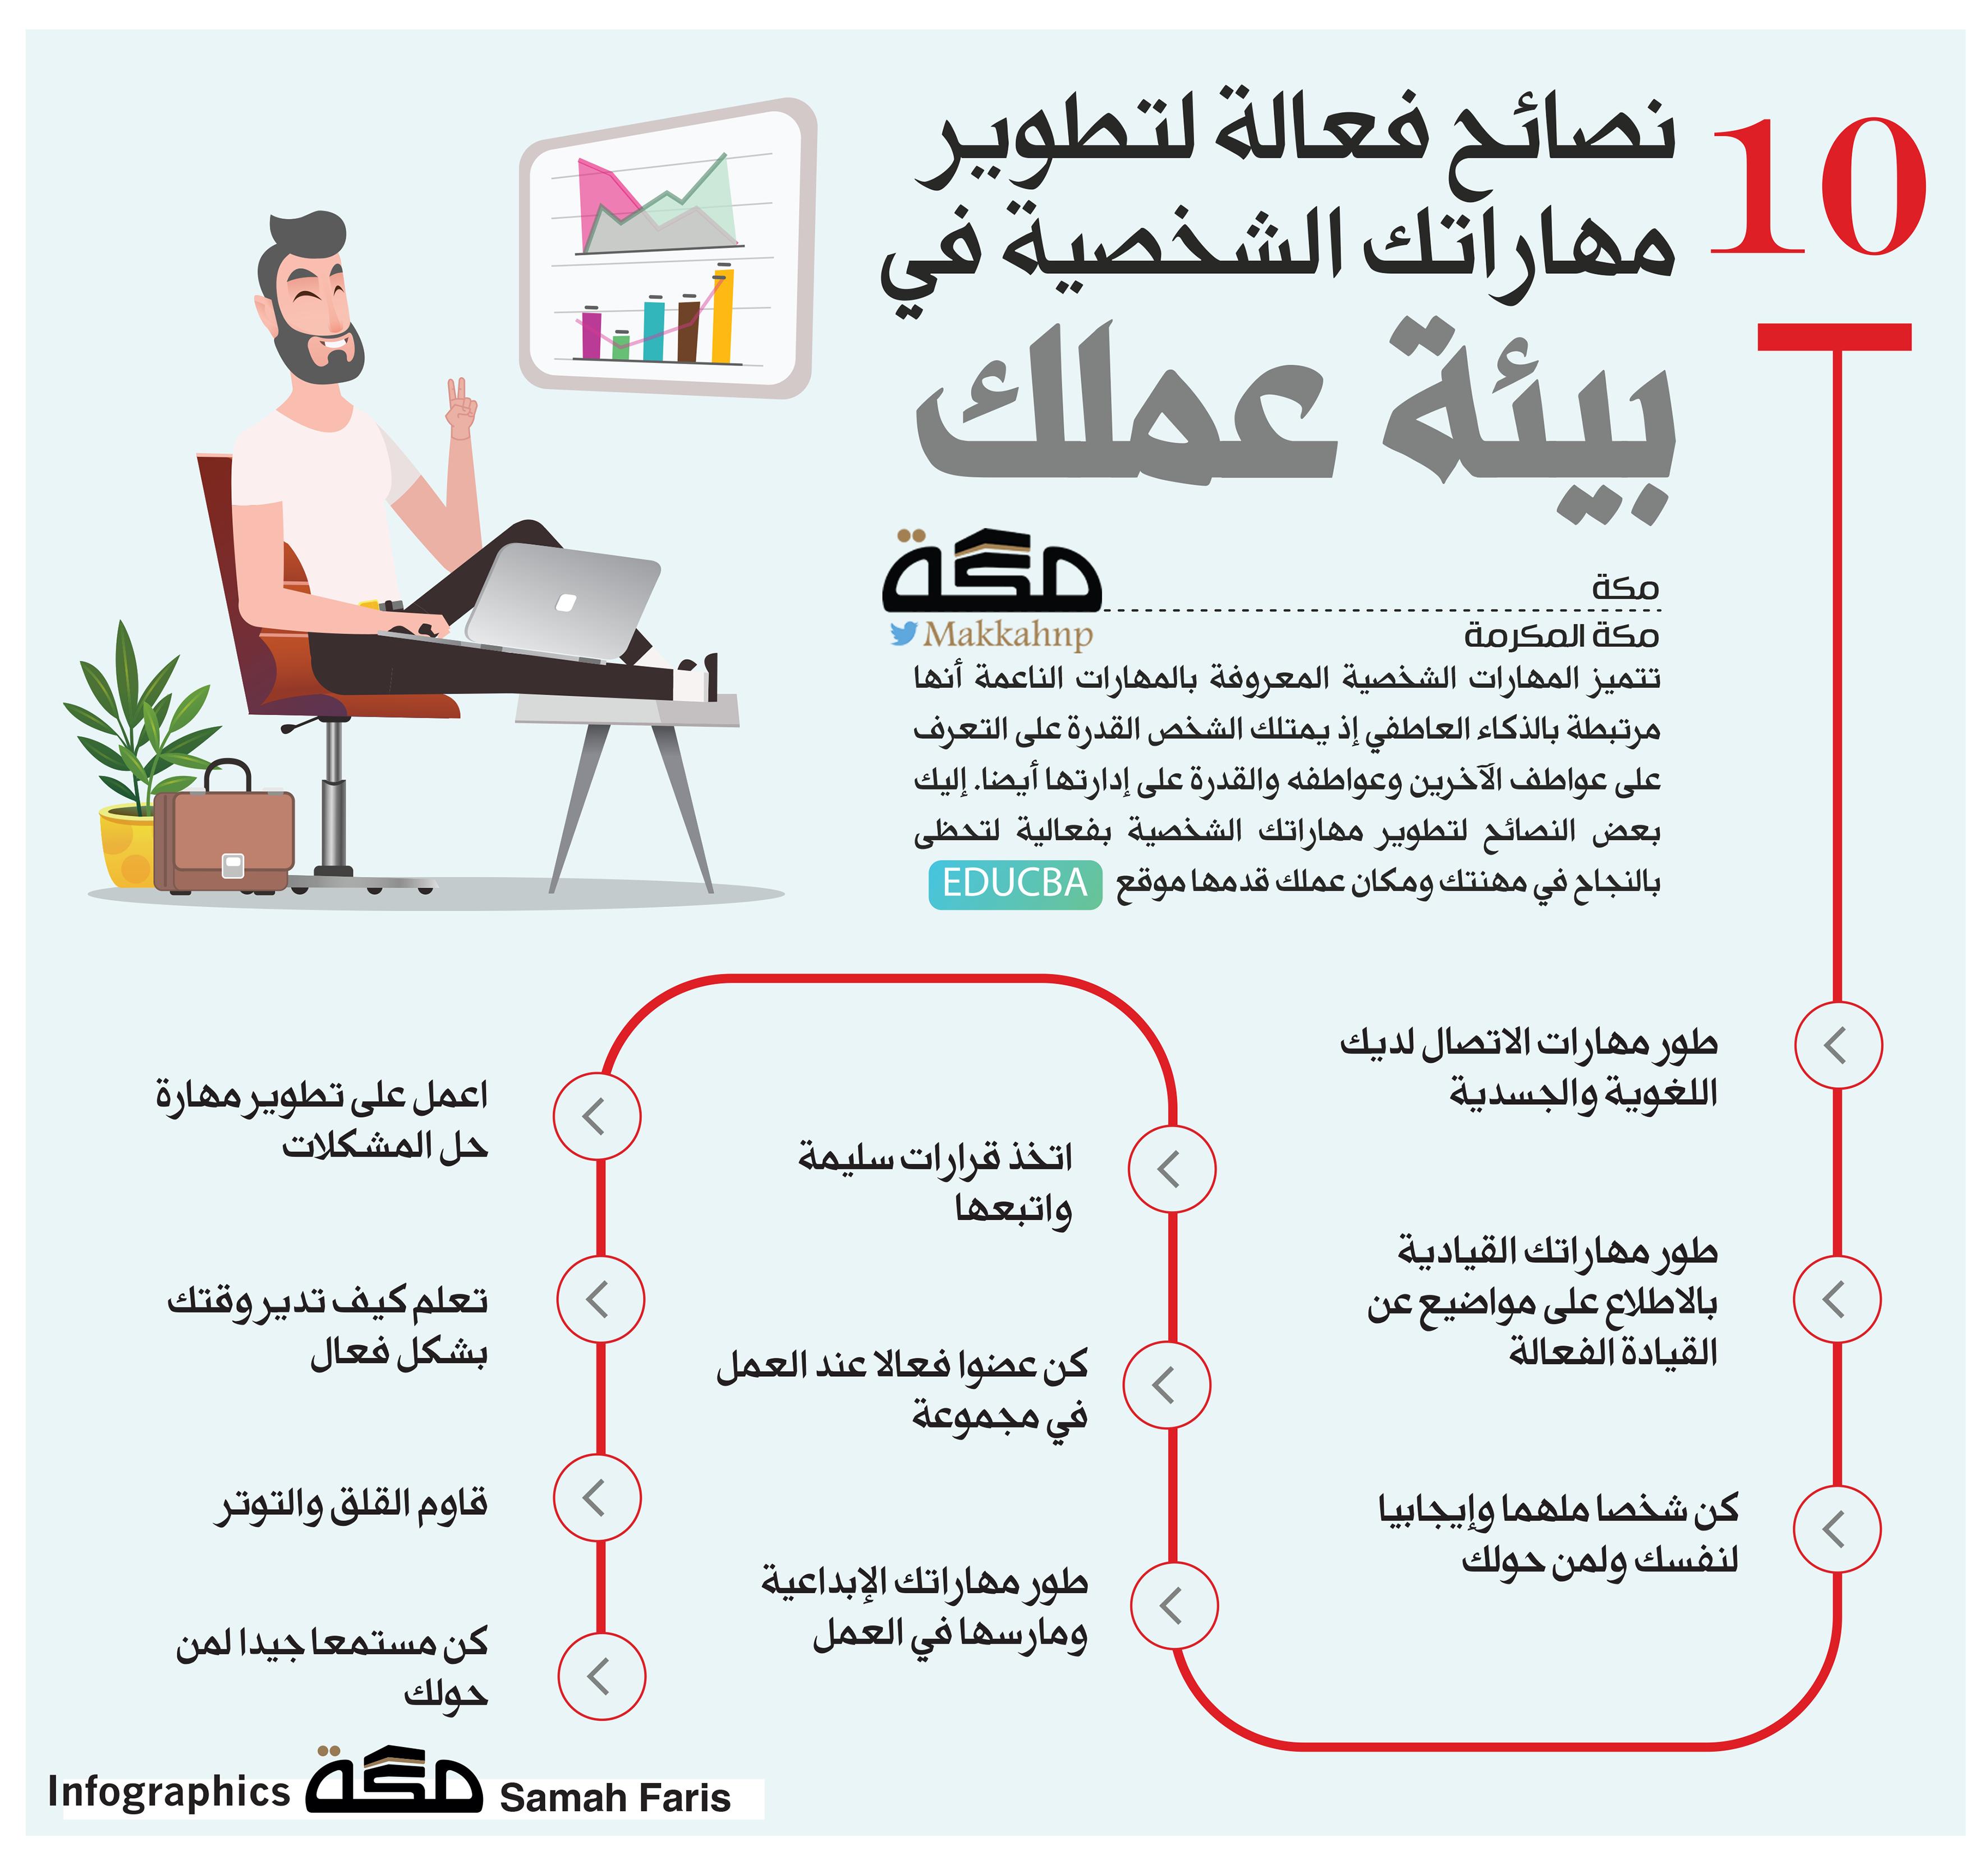 إنفوجرافيك 10 نصائح فعالة لتطوير مهاراتك الشخصية في بيئة عملك إنفوجرافيك المهارات Infographic تطوير الذات صحيفة مكة Infographic 10 Things Asos